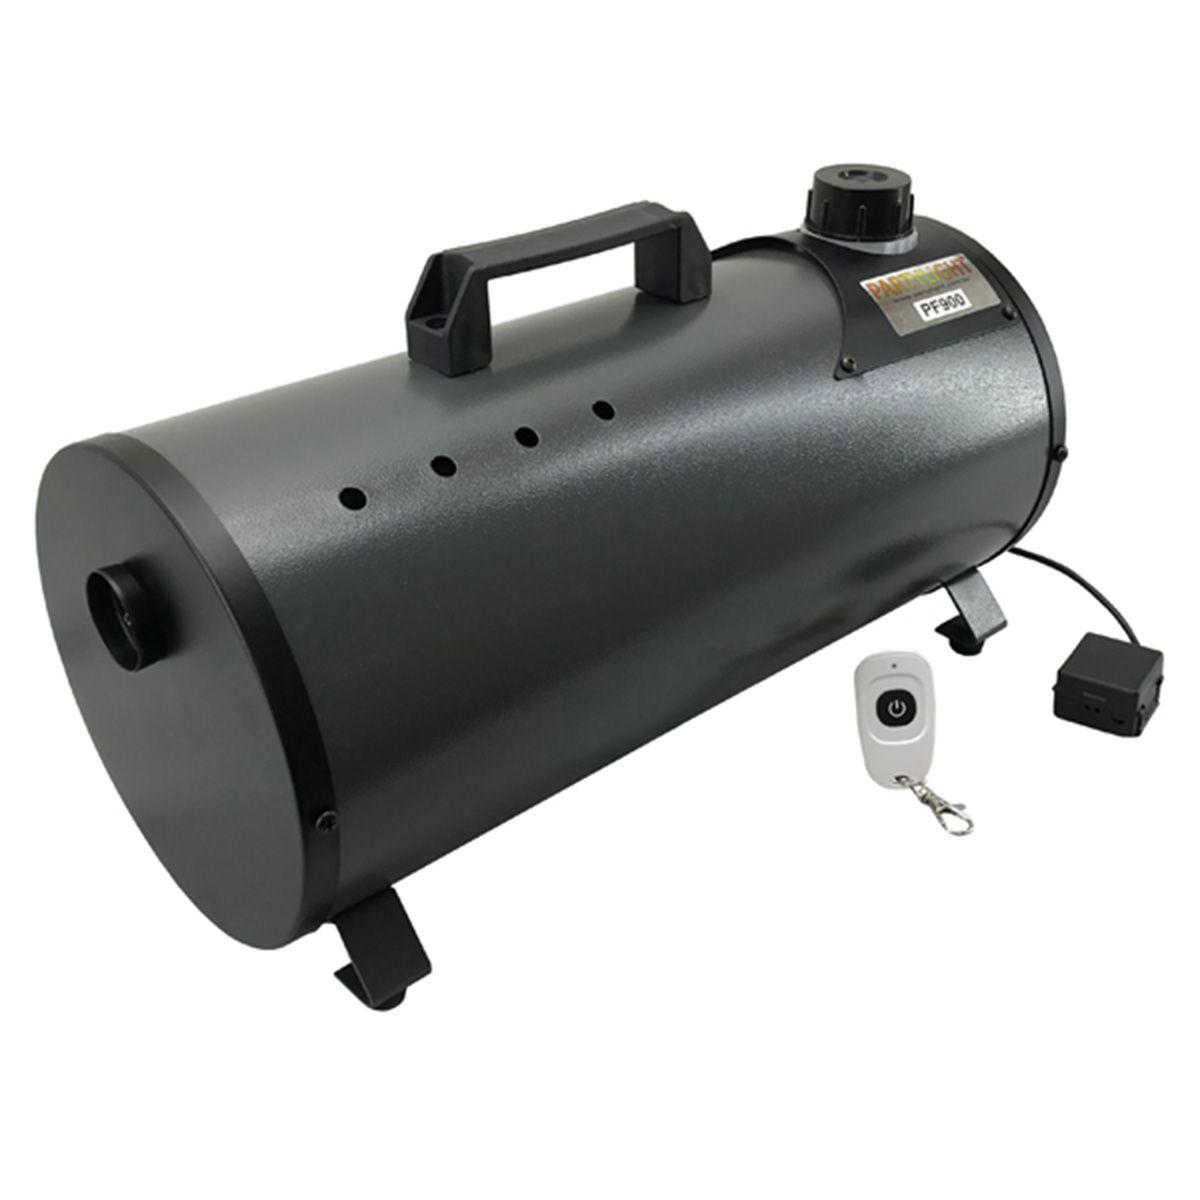 Maquina De Fumaça Bivolt PF 900 - Partylight  - RS Som e Luz!